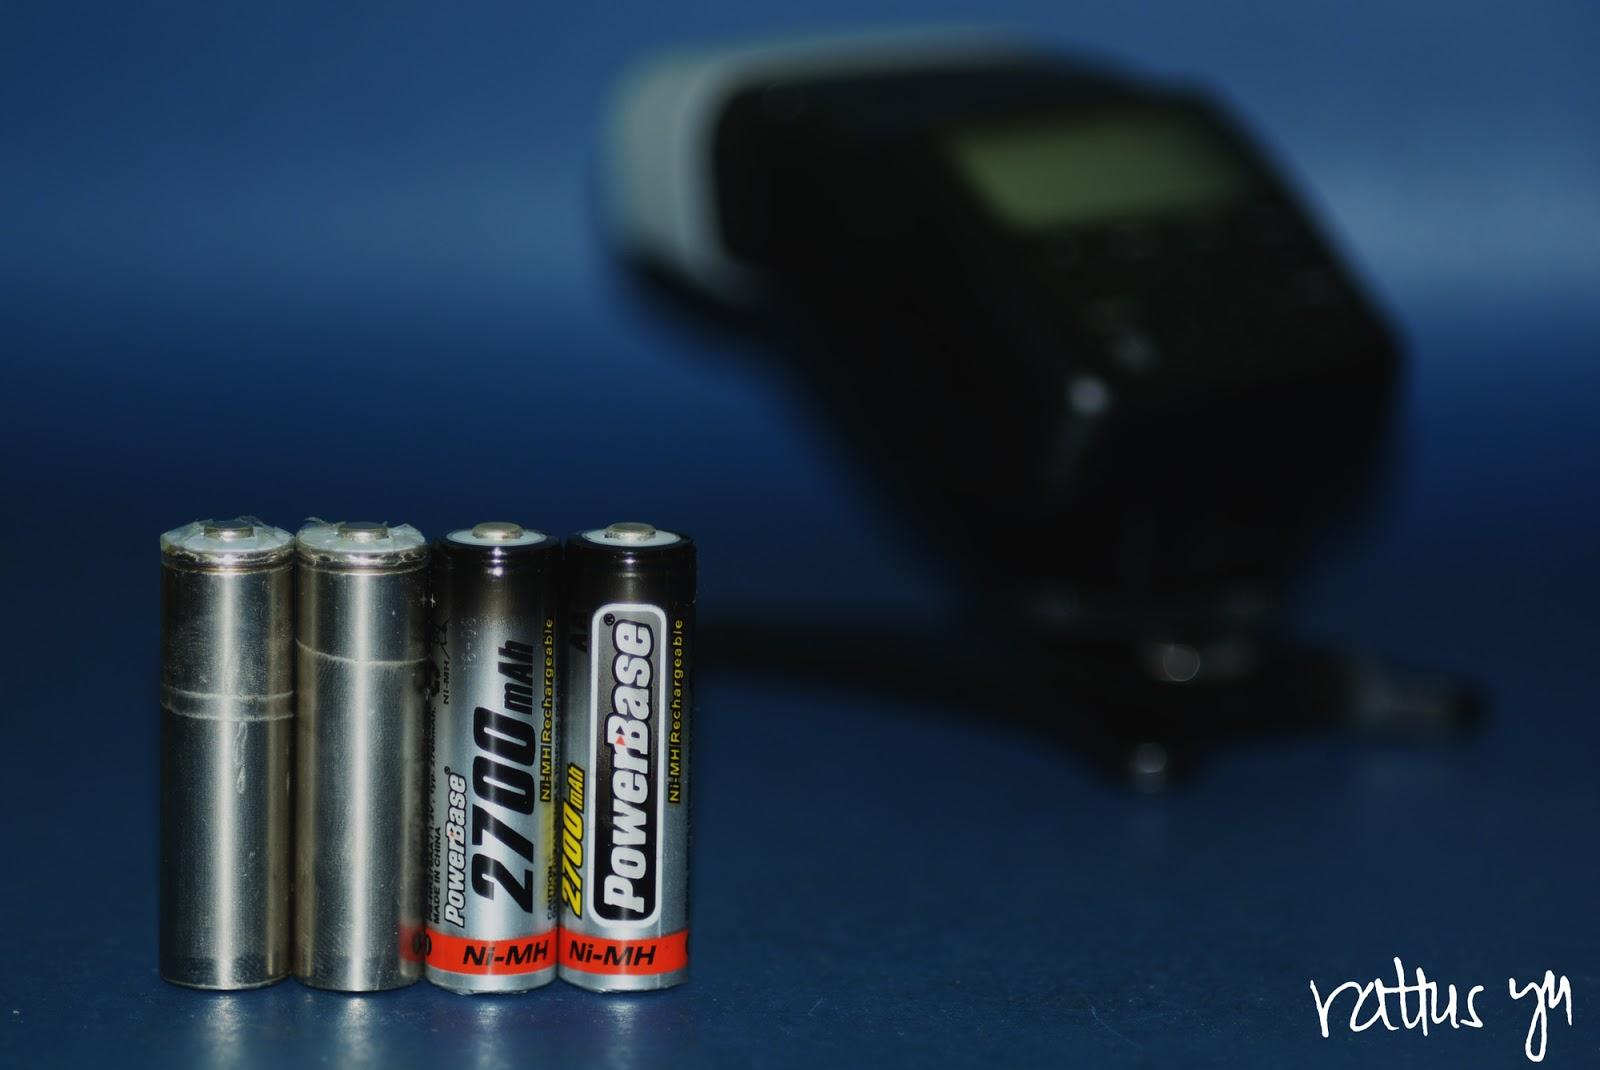 Powerbase 2700mAh 1.2v Ni-MH AA Batteries